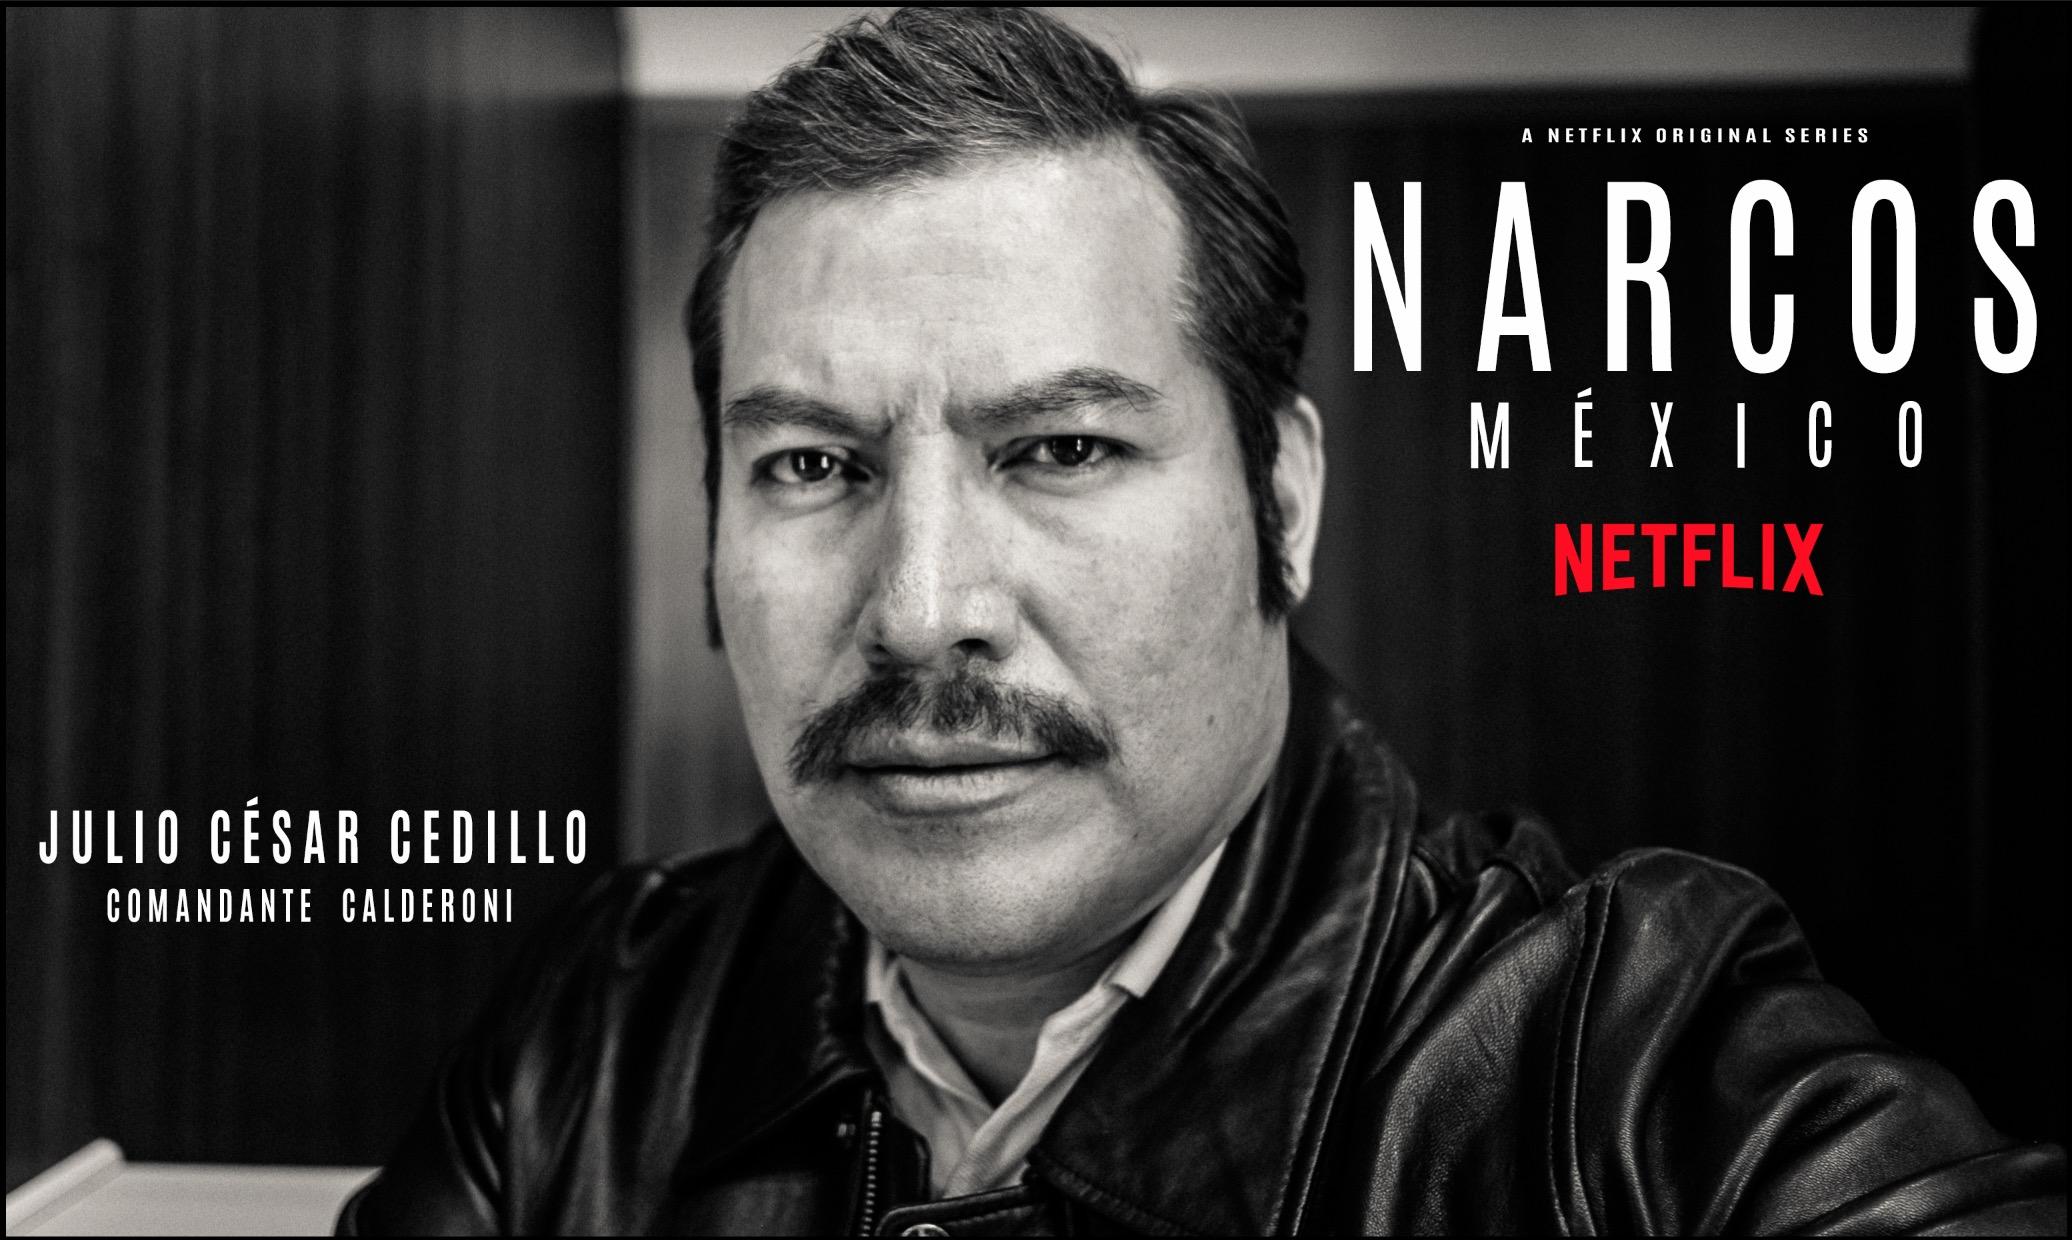 NARCOS_MEXICO_Julio_Cesar_Cedillo.jpg